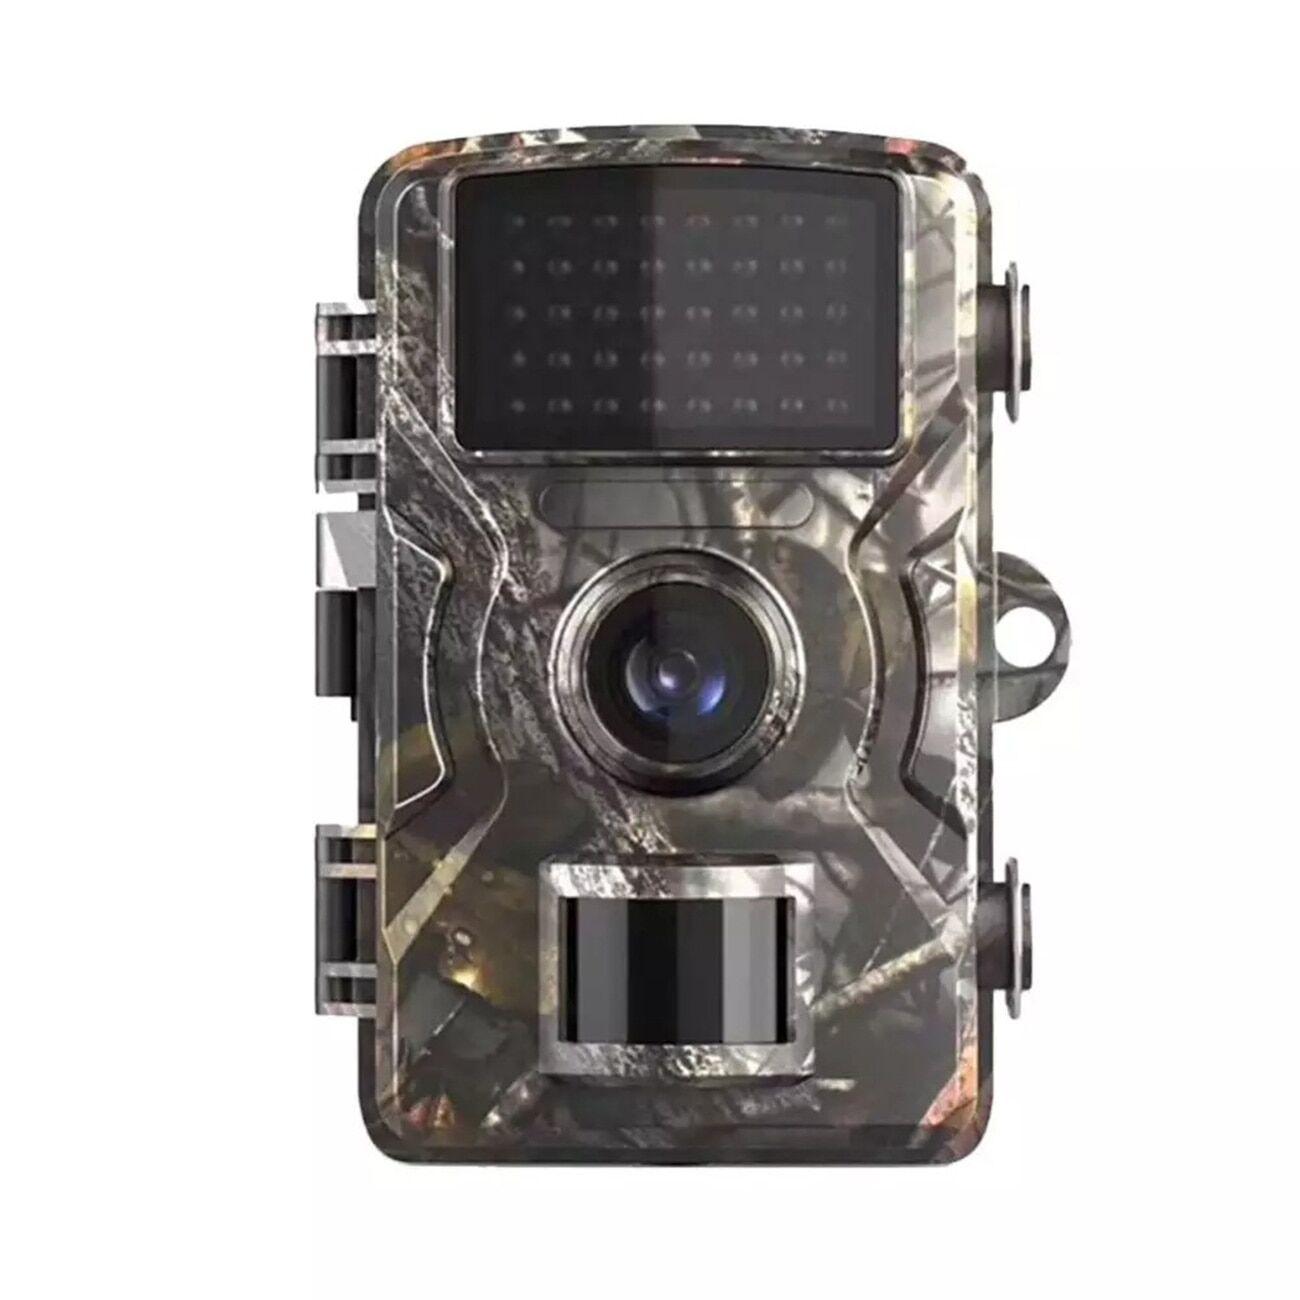 AliExpress Caméra de chasse et de suivi des sentiers pour la faune sauvage, Vision nocturne, activation par le